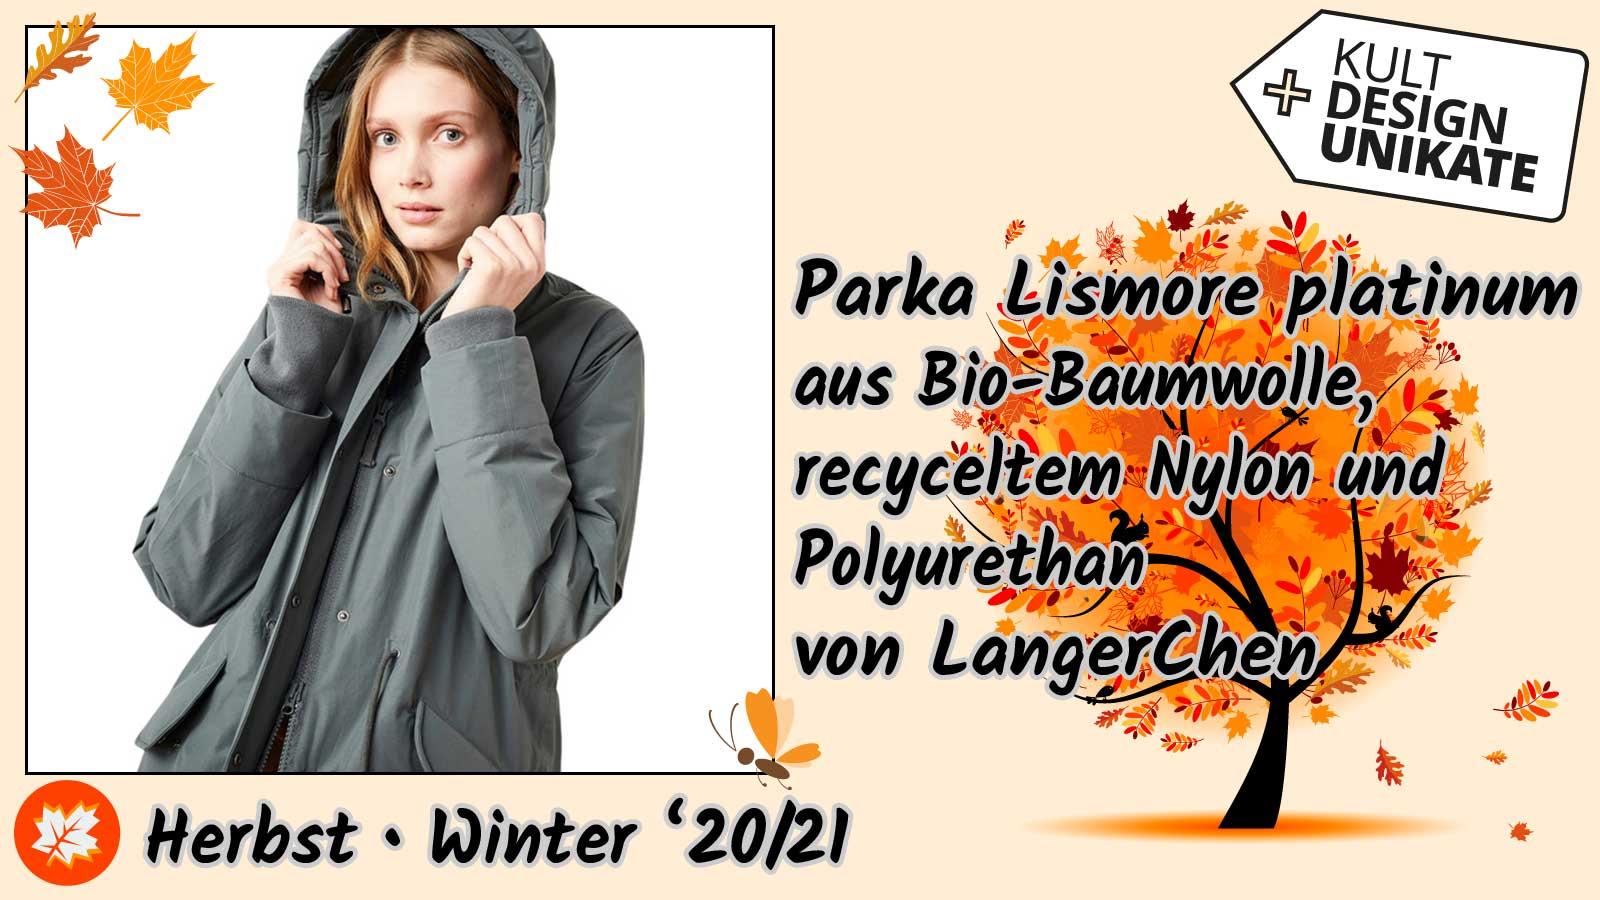 Langerchen-Parka-Lismore-platinum